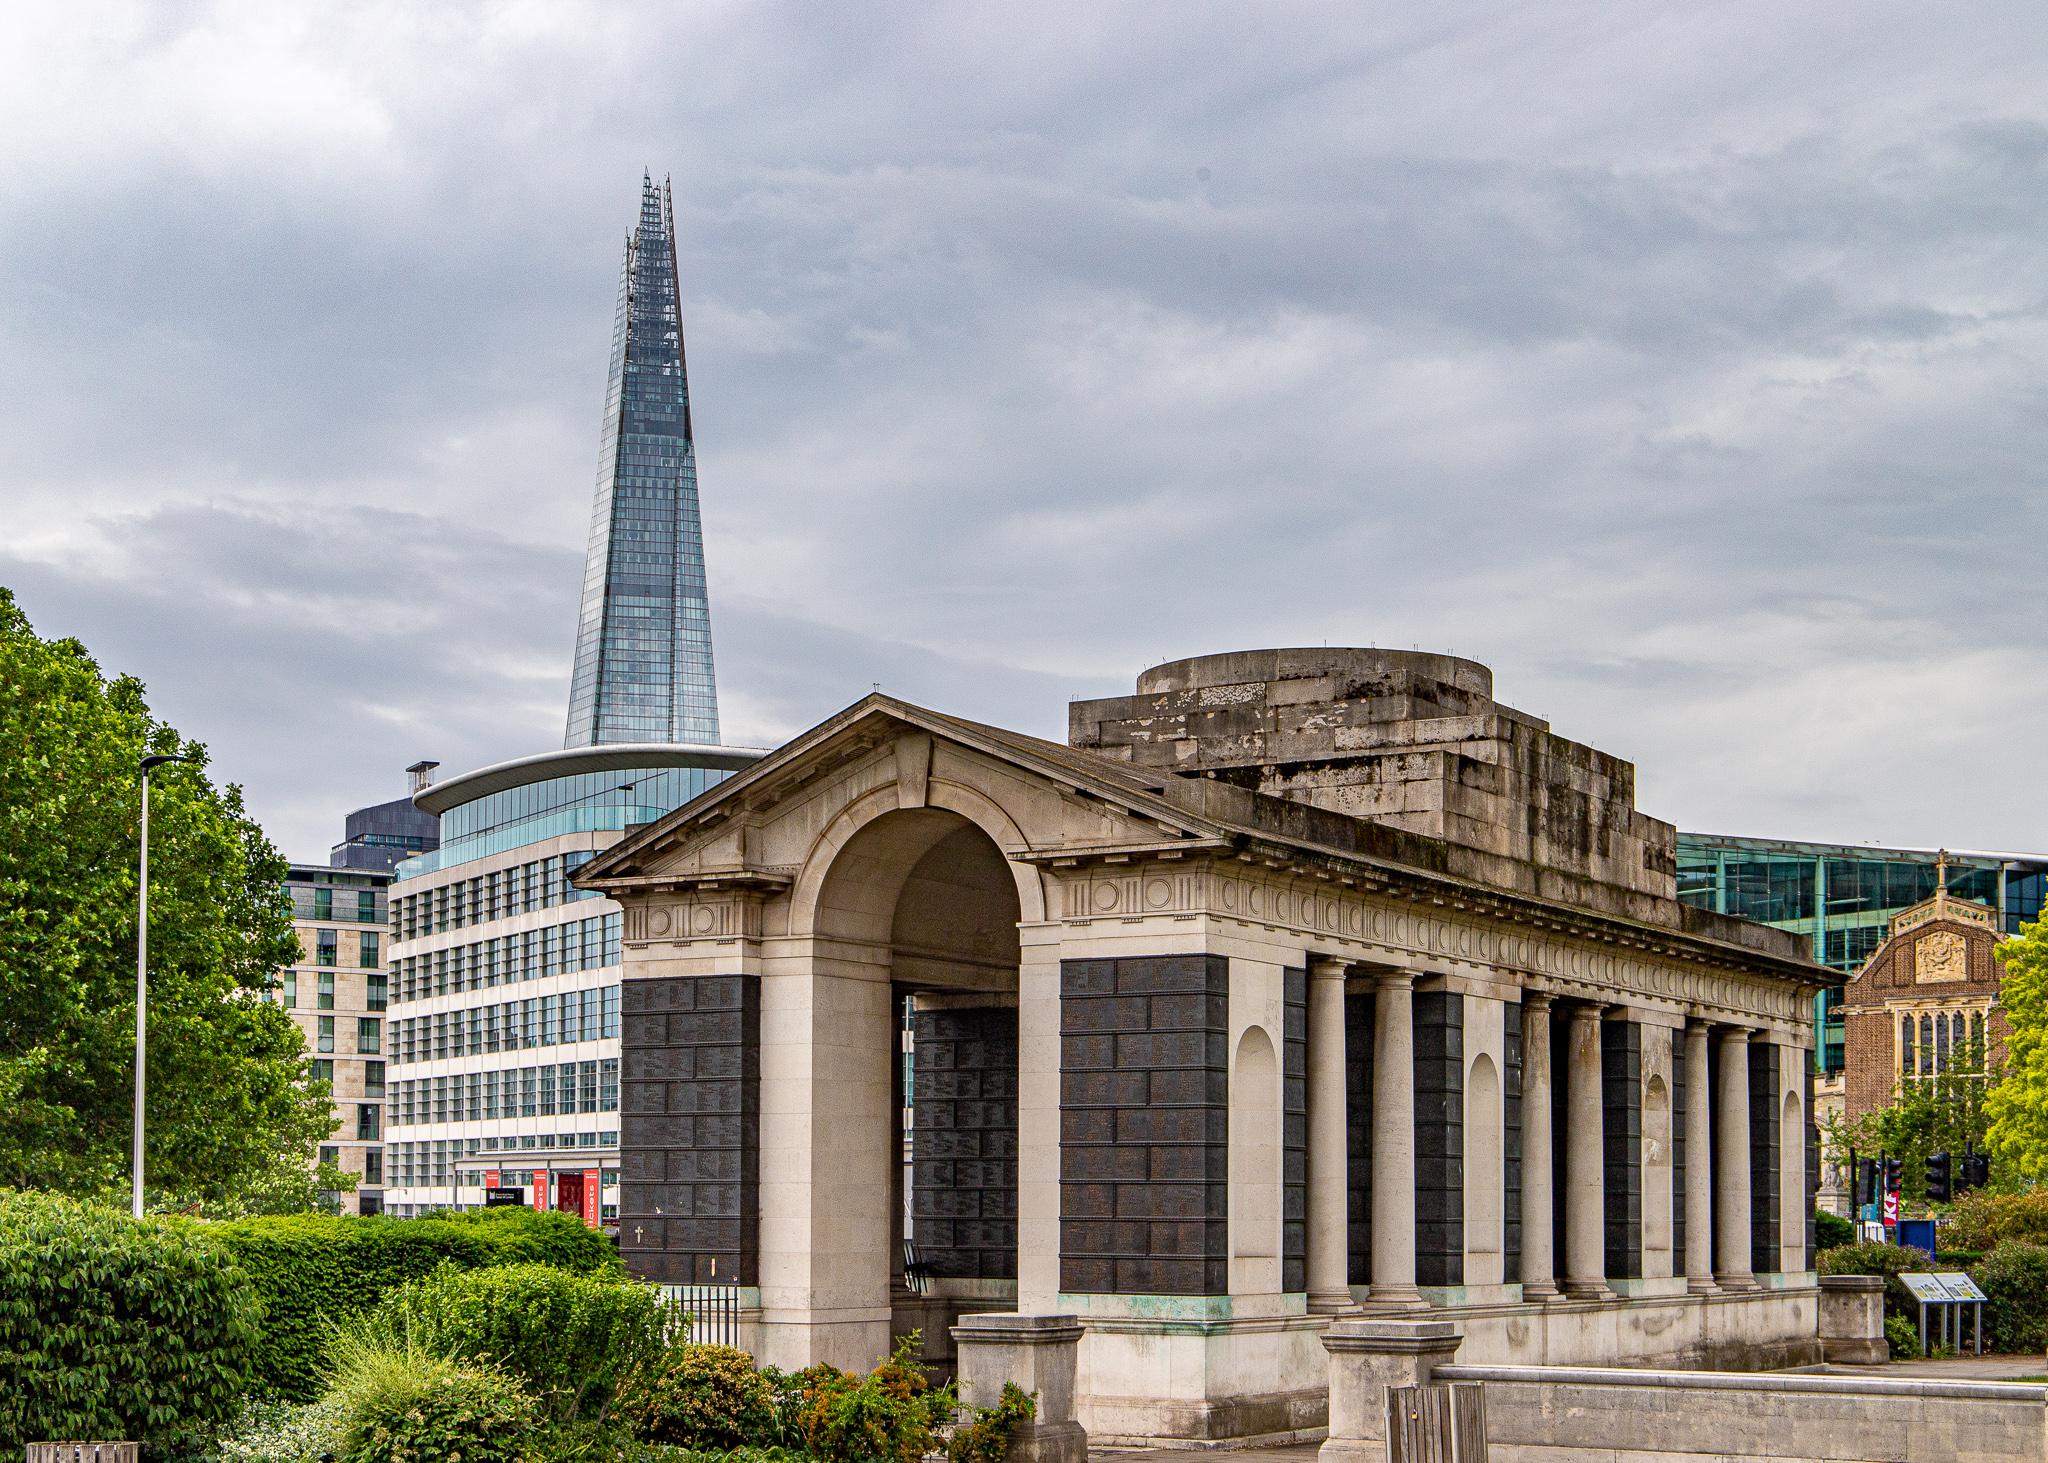 The Shard standing behind a war memorial